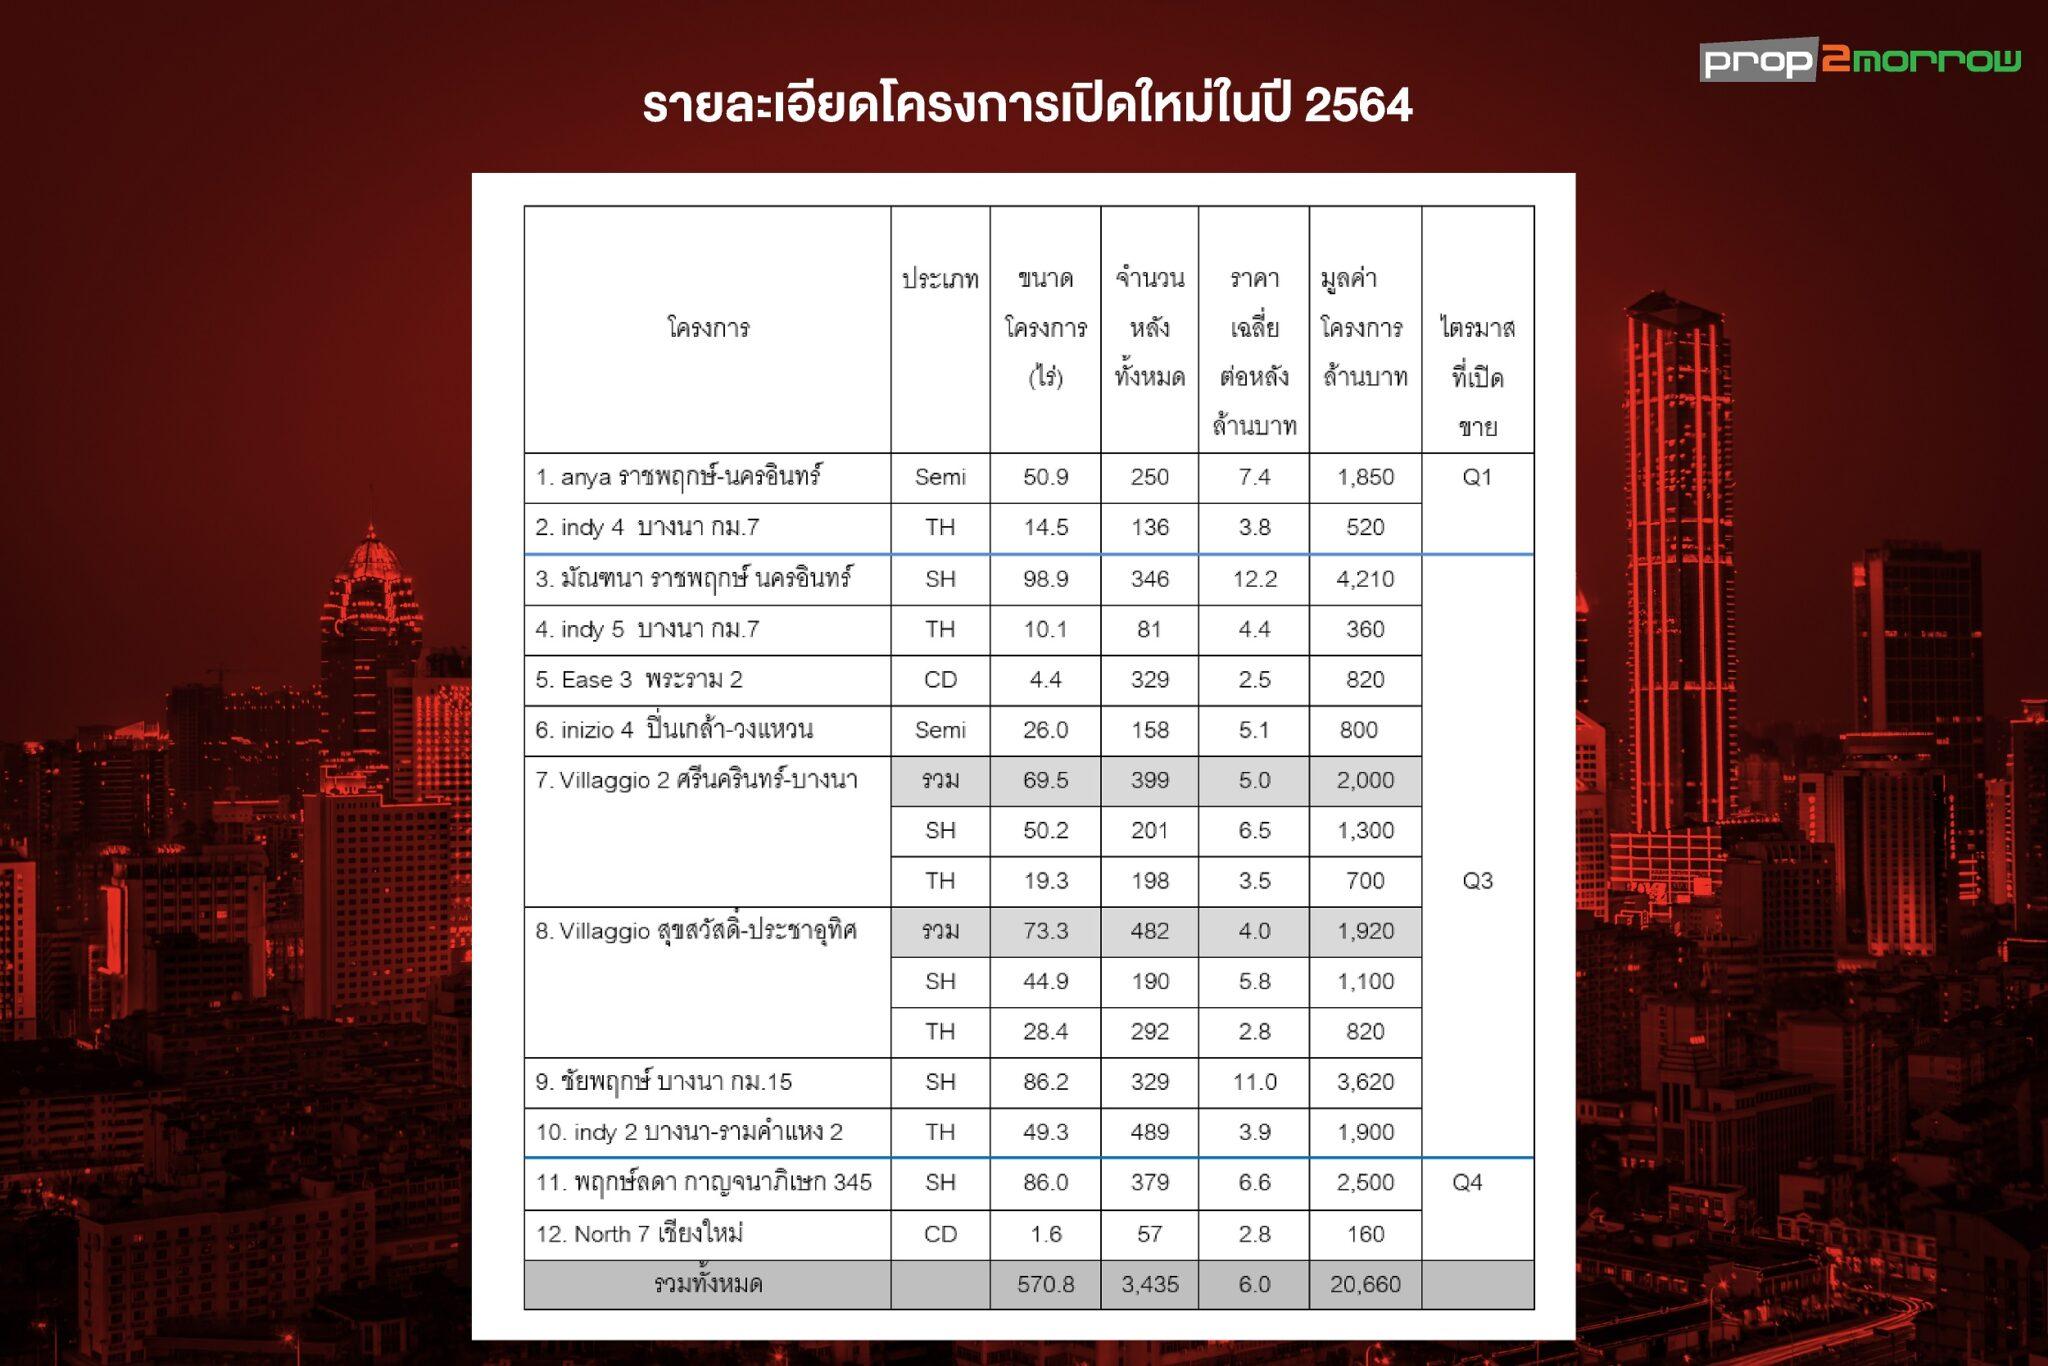 LH ปรับลดโครงการใหม่ปี64 เหลือ 12 โครงการ มูลค่า 20660 ลบ | Prop2Morrow บ้าน คอนโด ข่าวอสังหาฯ